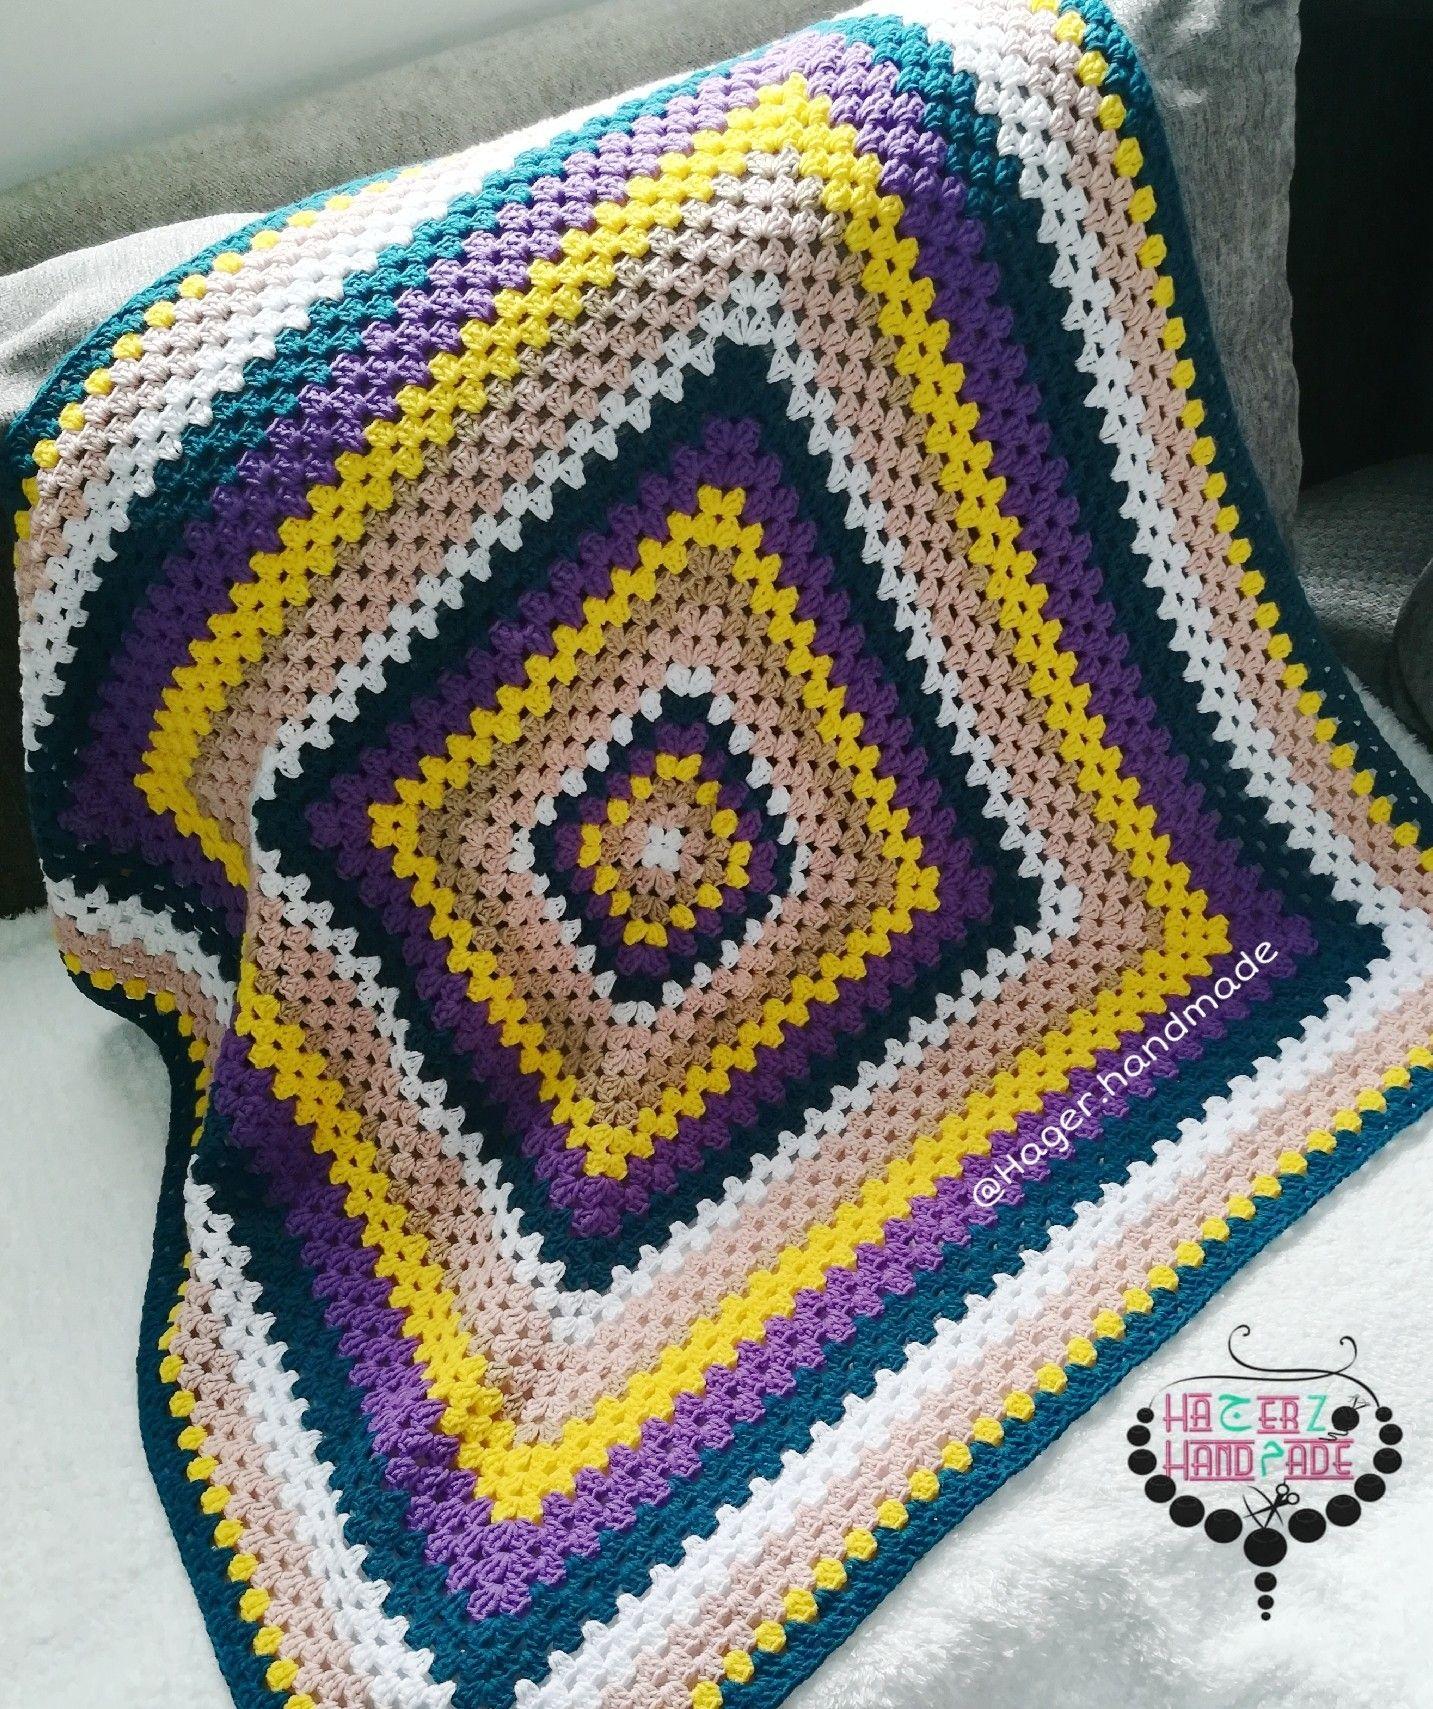 Crochet Granny Square Granny Square Crochet Crochet Granny Crochet Tablecloth